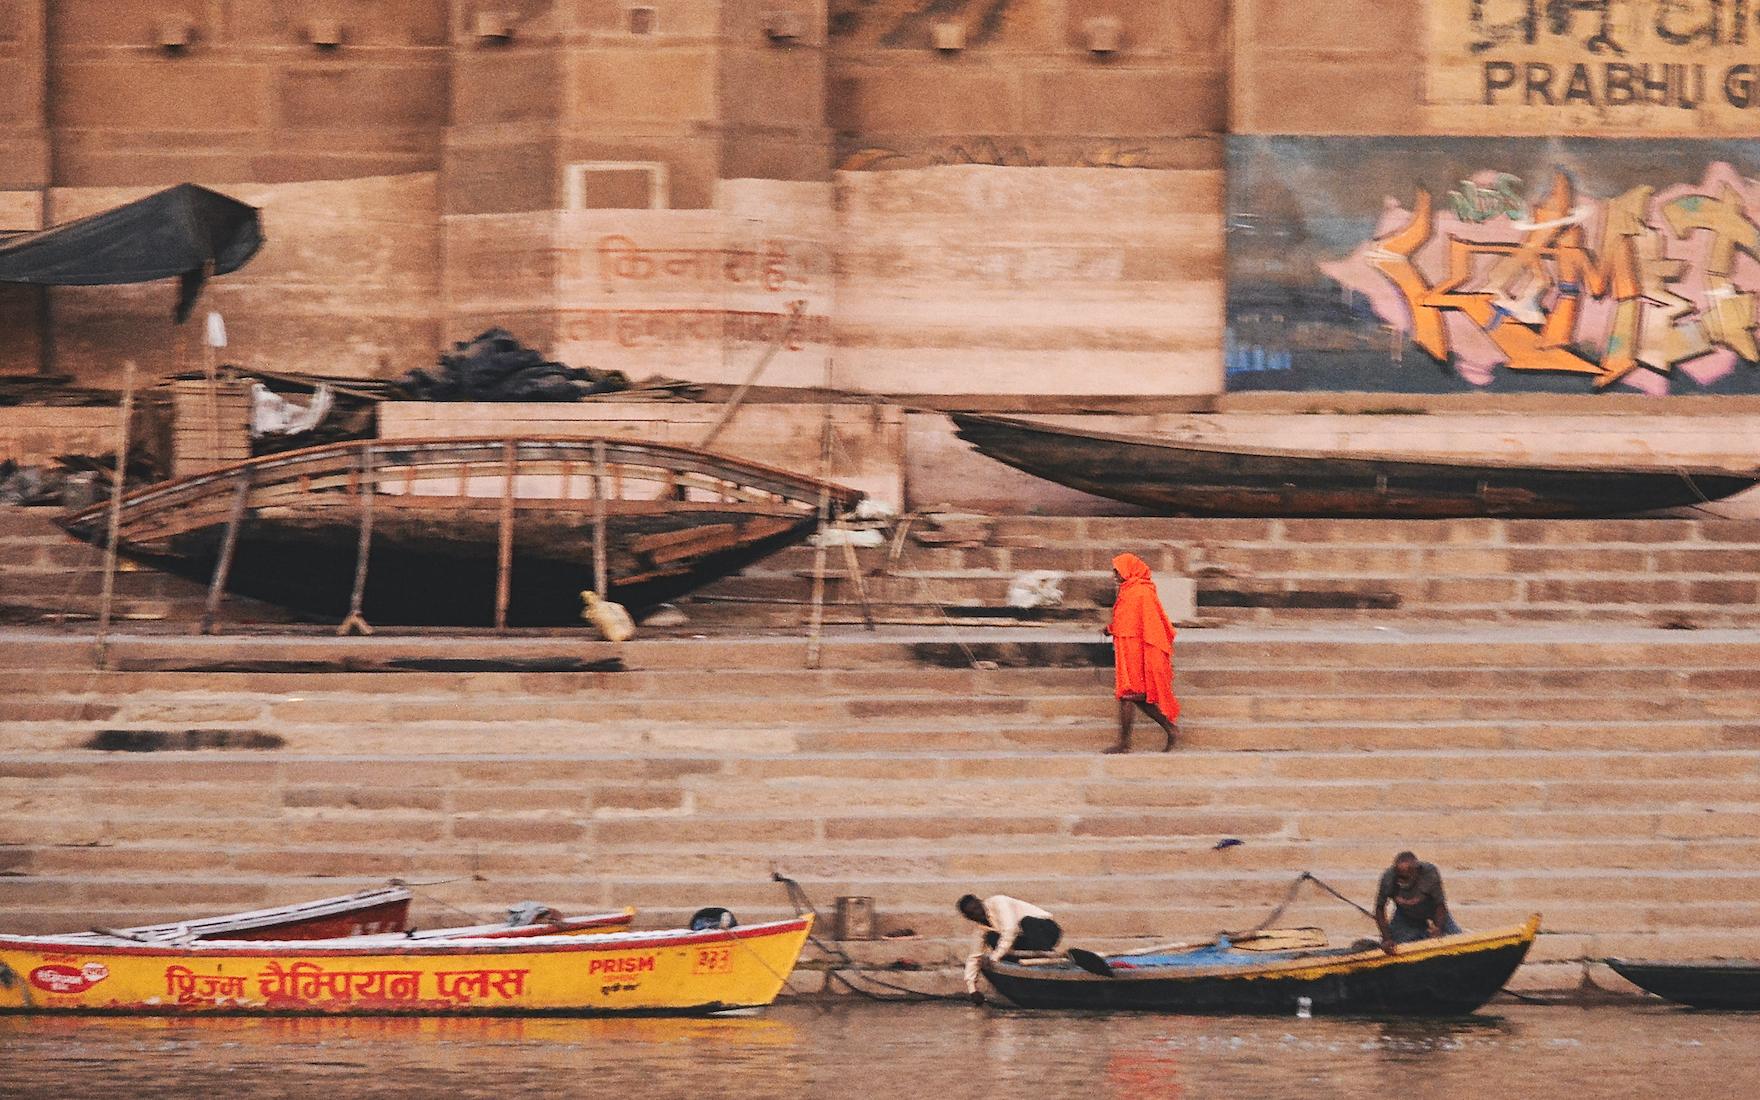 Man unfocused in orange shirt – Varanasi, India